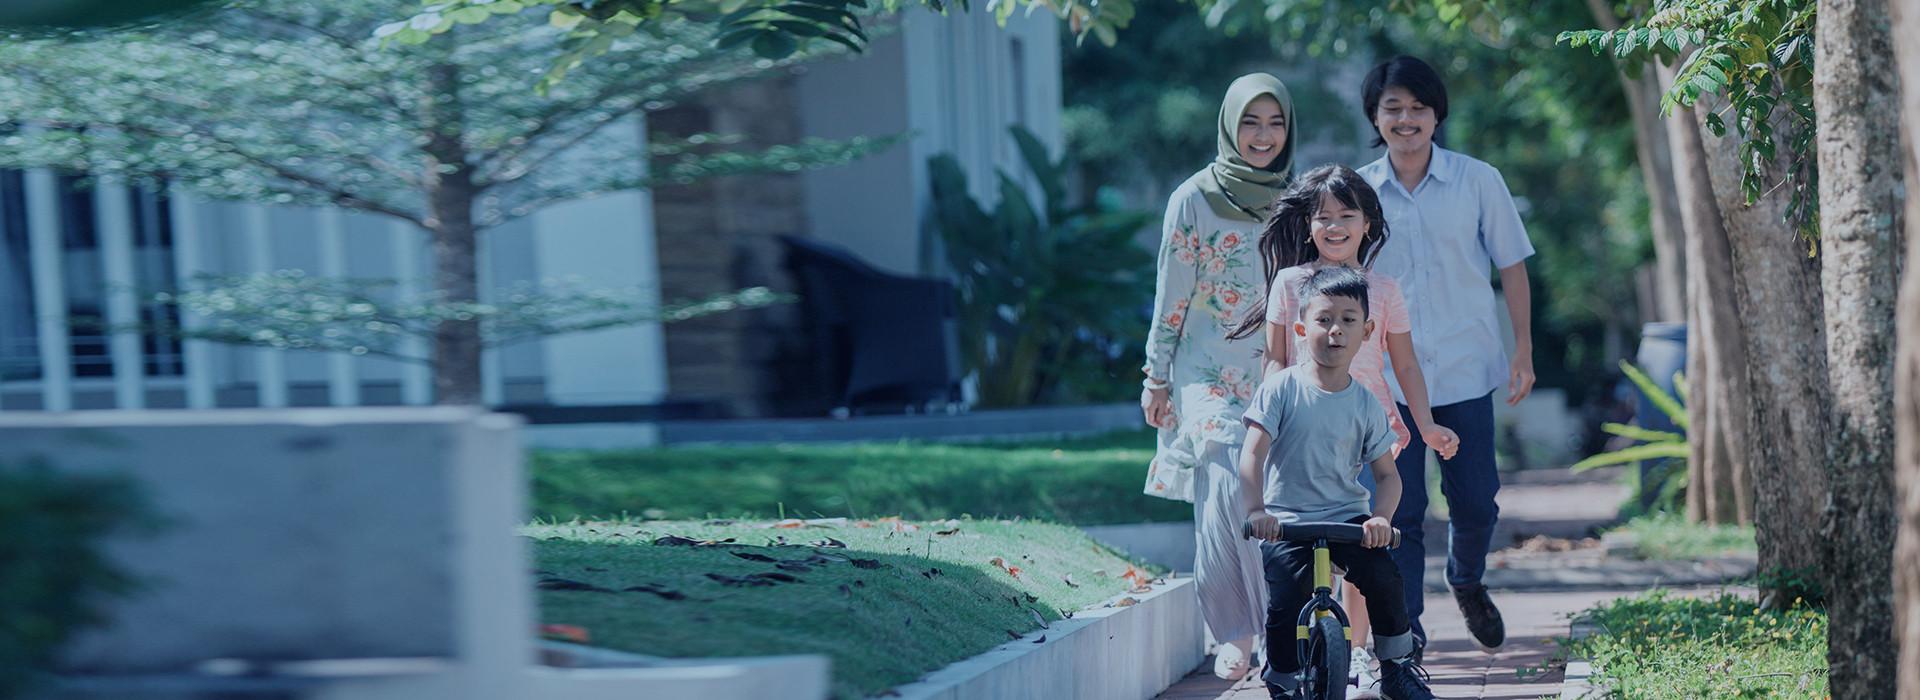 sharia-insurance-indonesia-pfi-mega-life